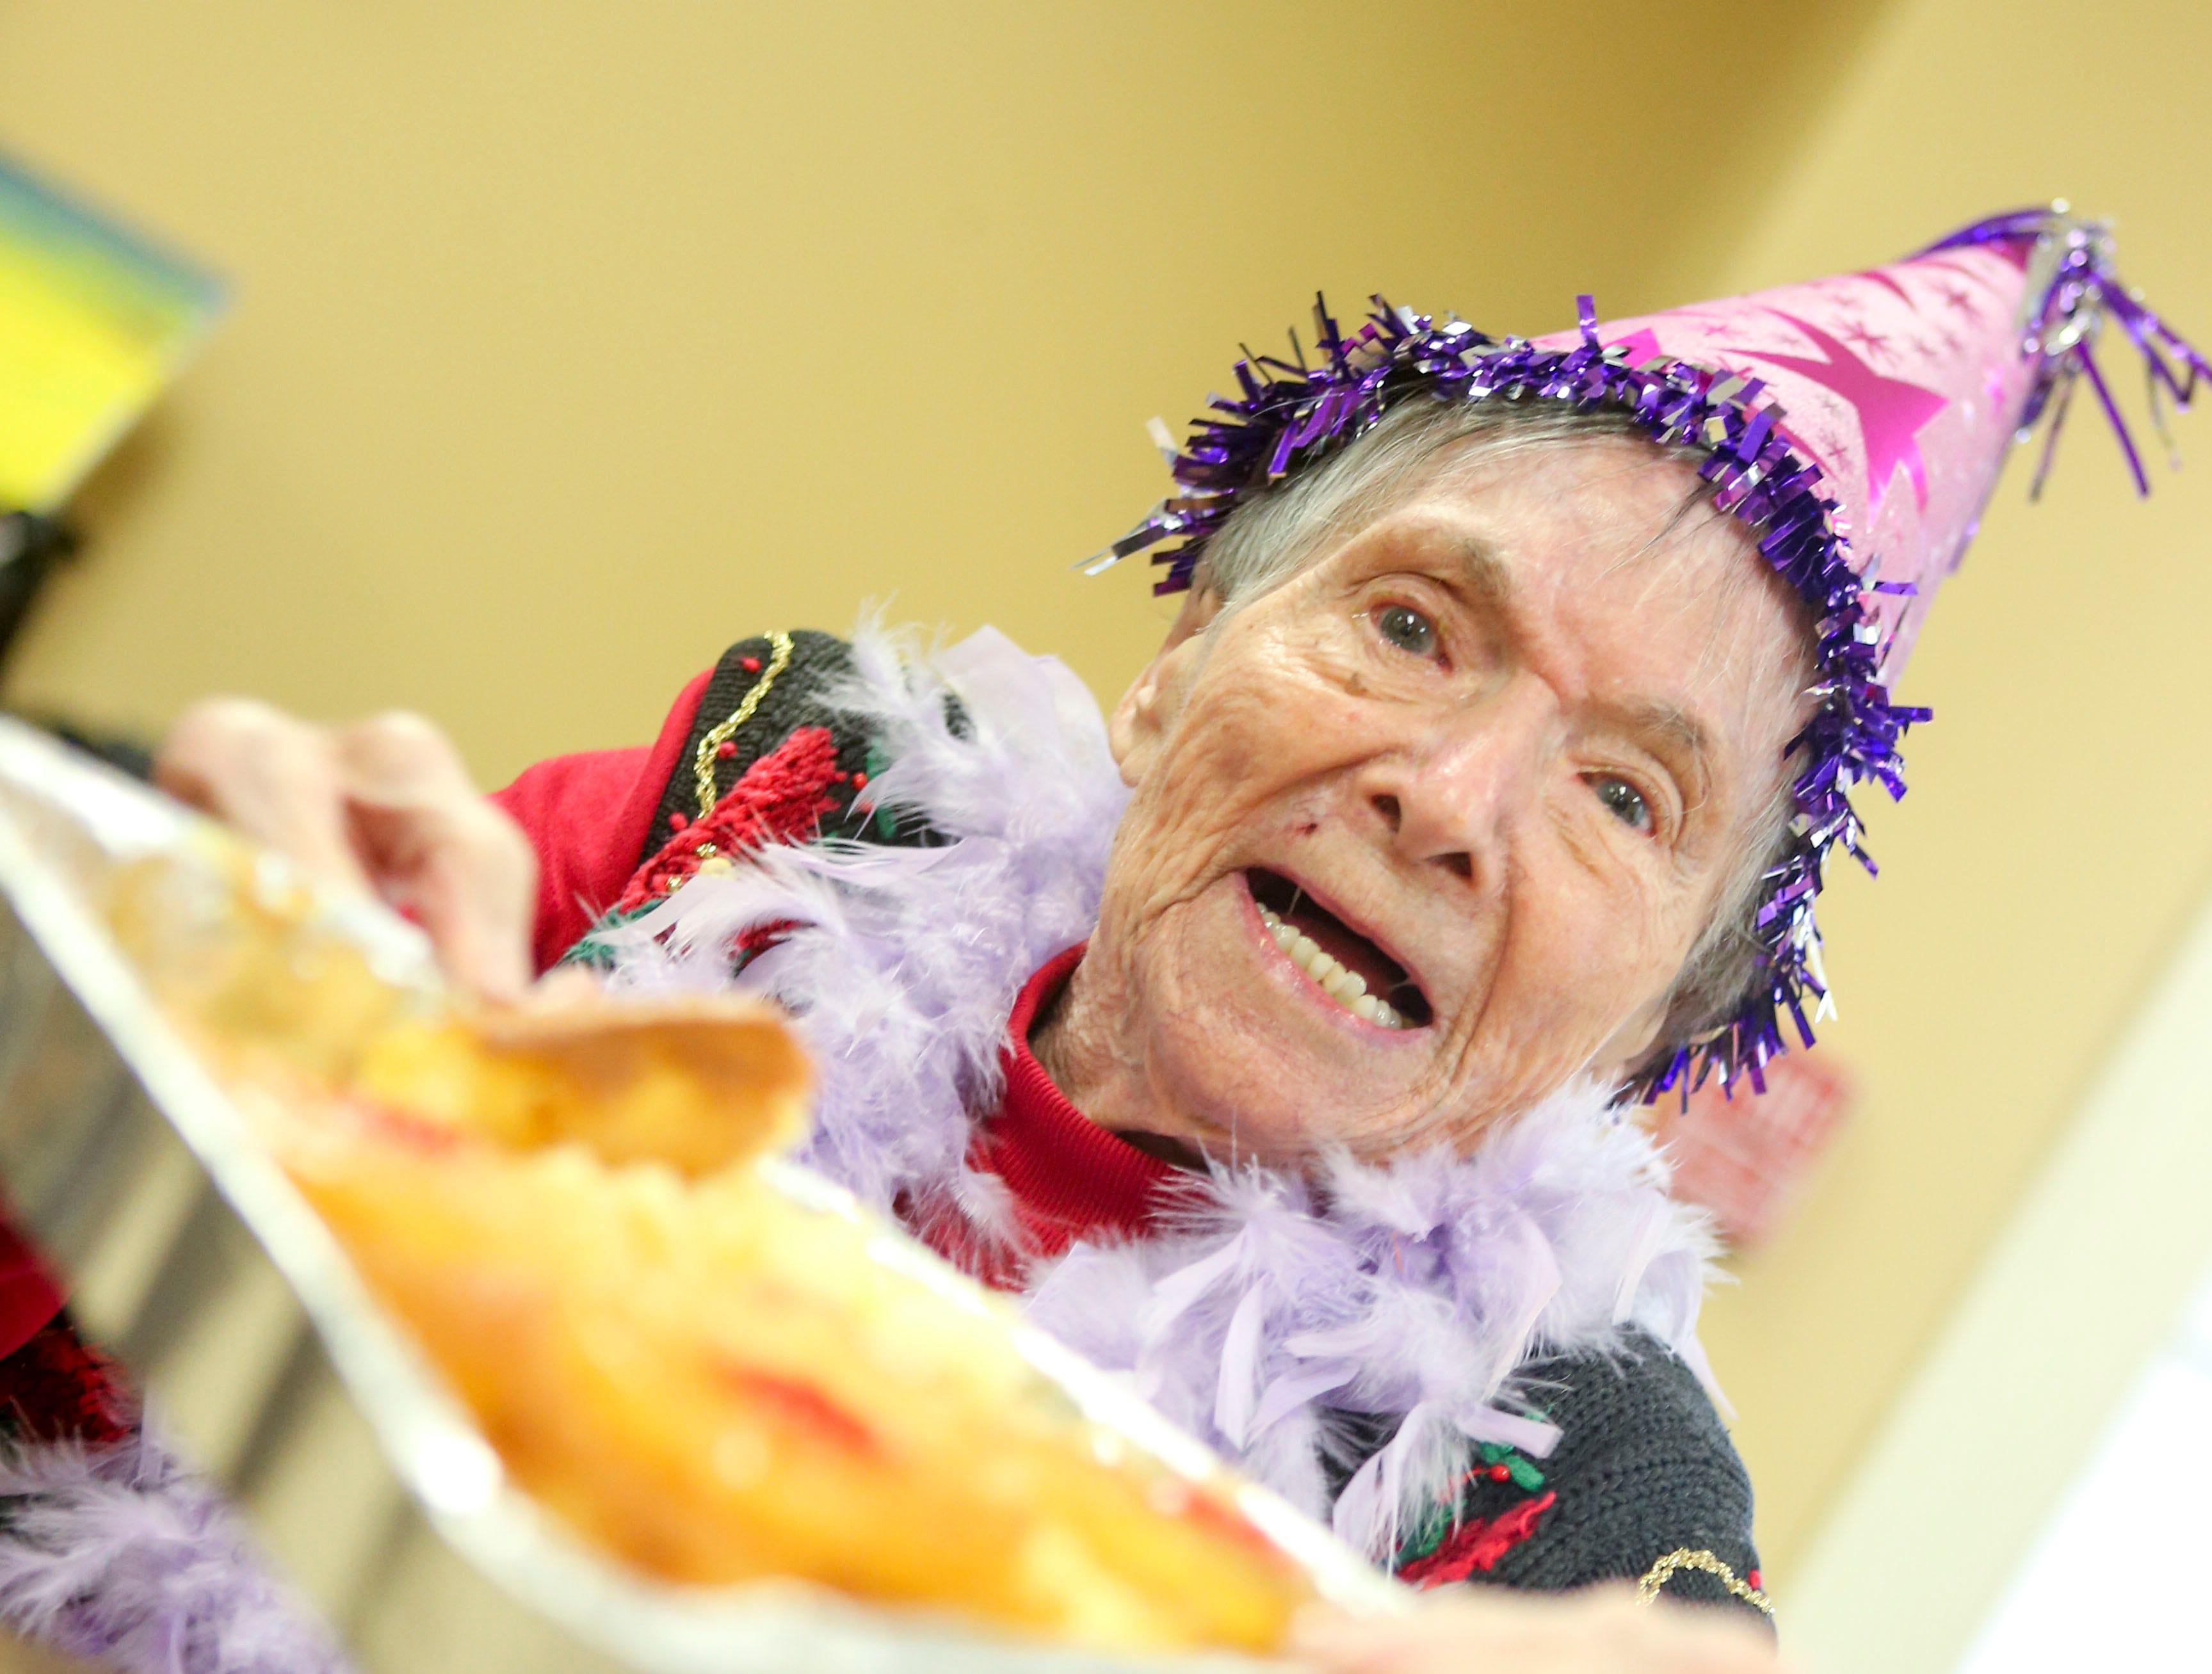 Ida Feldman proudly holds up her inside out pineapple cake made for her on her 100th birthday at Regency Retirement Home in Jackson, Tenn., on Thursday, Dec. 20, 2018.